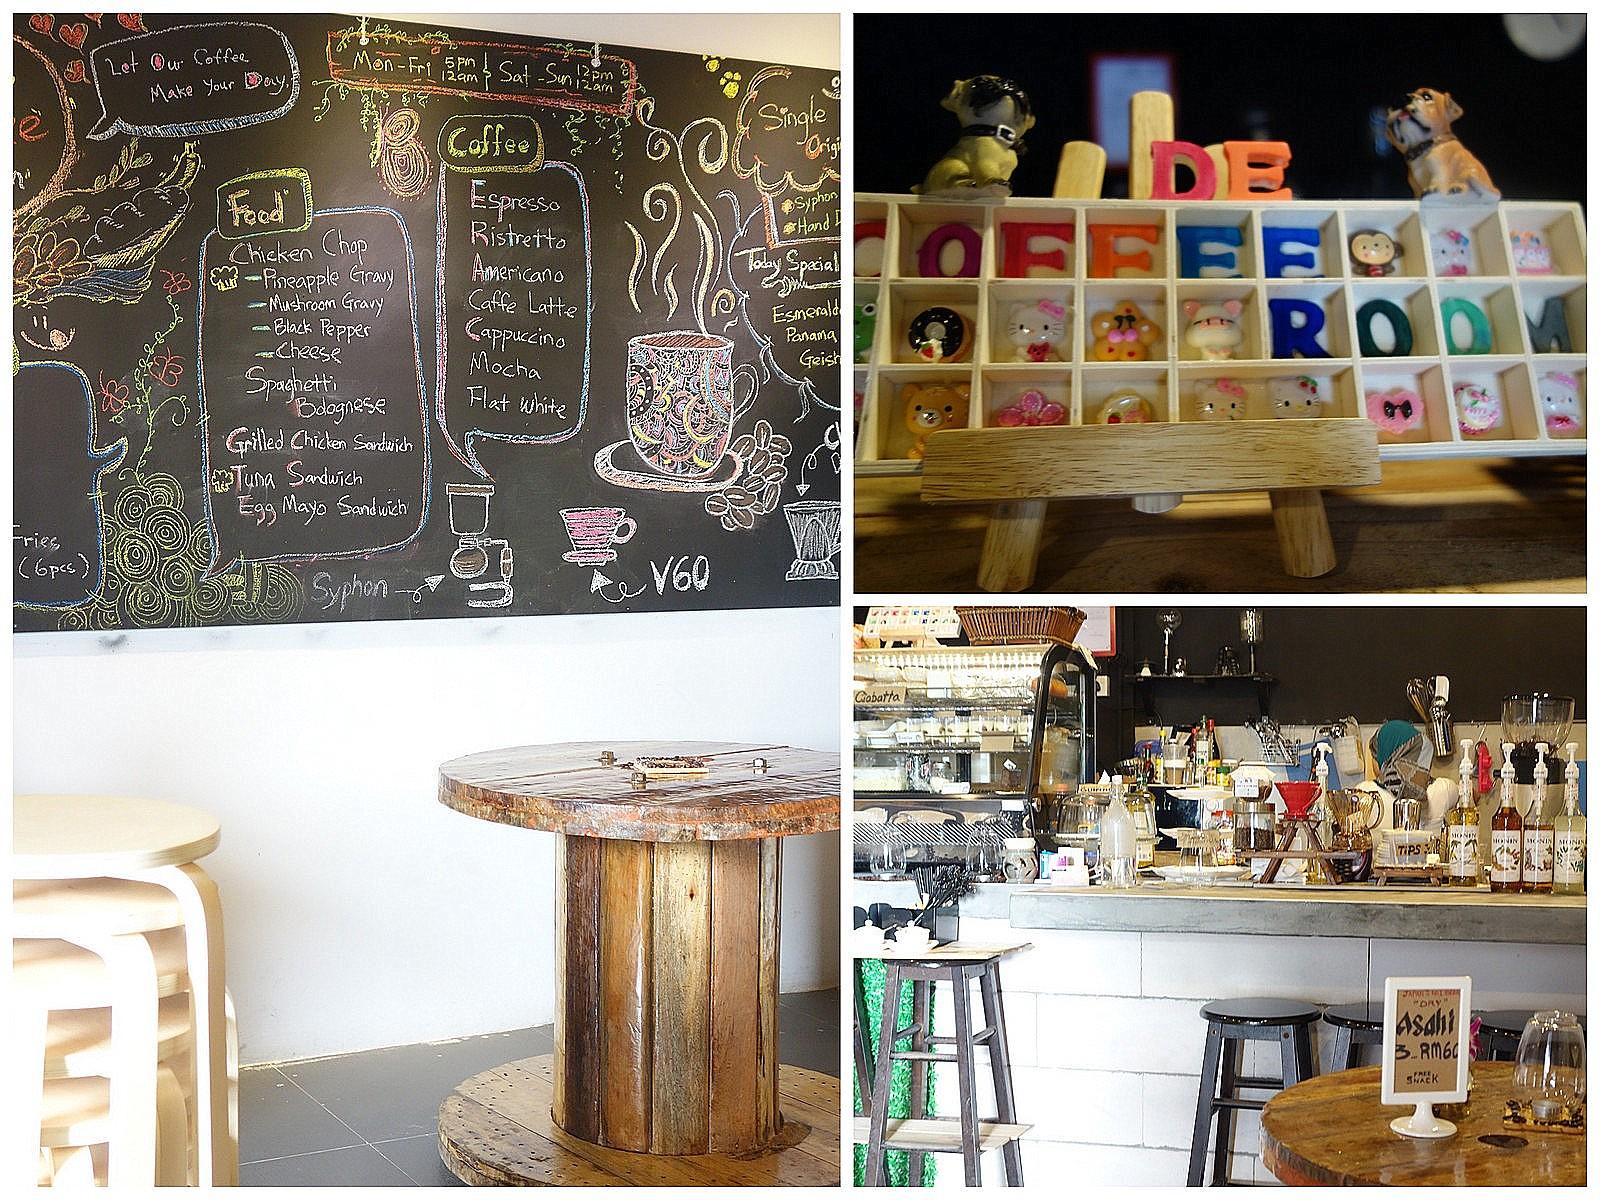 De Coffee Room Cheras Monjo Cyberjaya